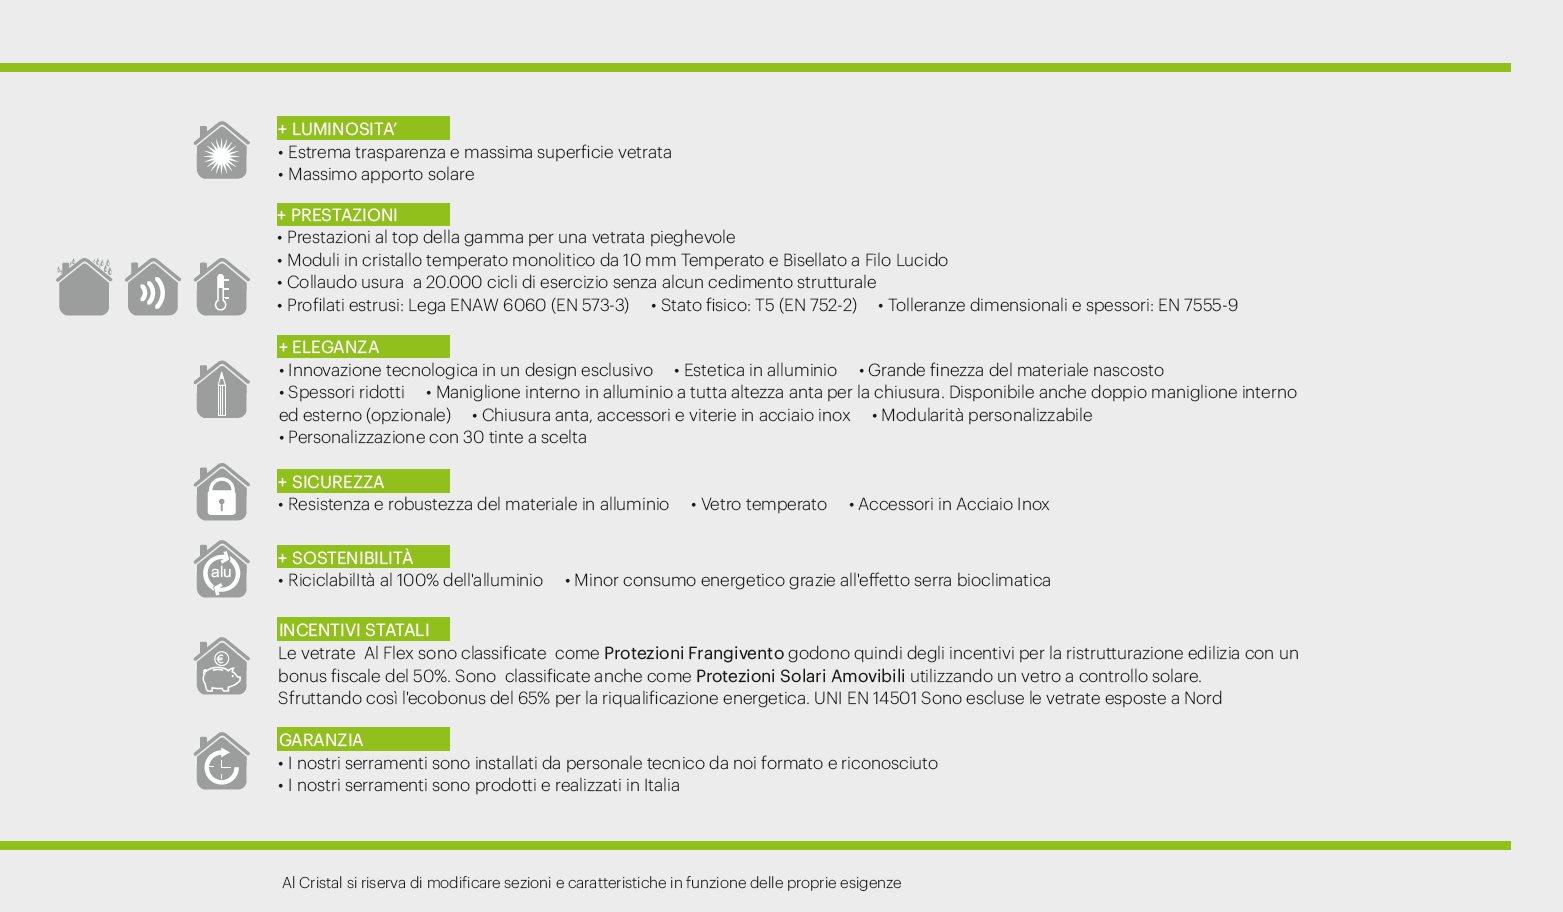 catalogo prodotti-DI LUMINOSITA-PRESTAZIONI-ELEGANZA-SICUREZZA-SOSTENIBILITA-PULIZIA-INCENTIVI STATALI-GARANZIA